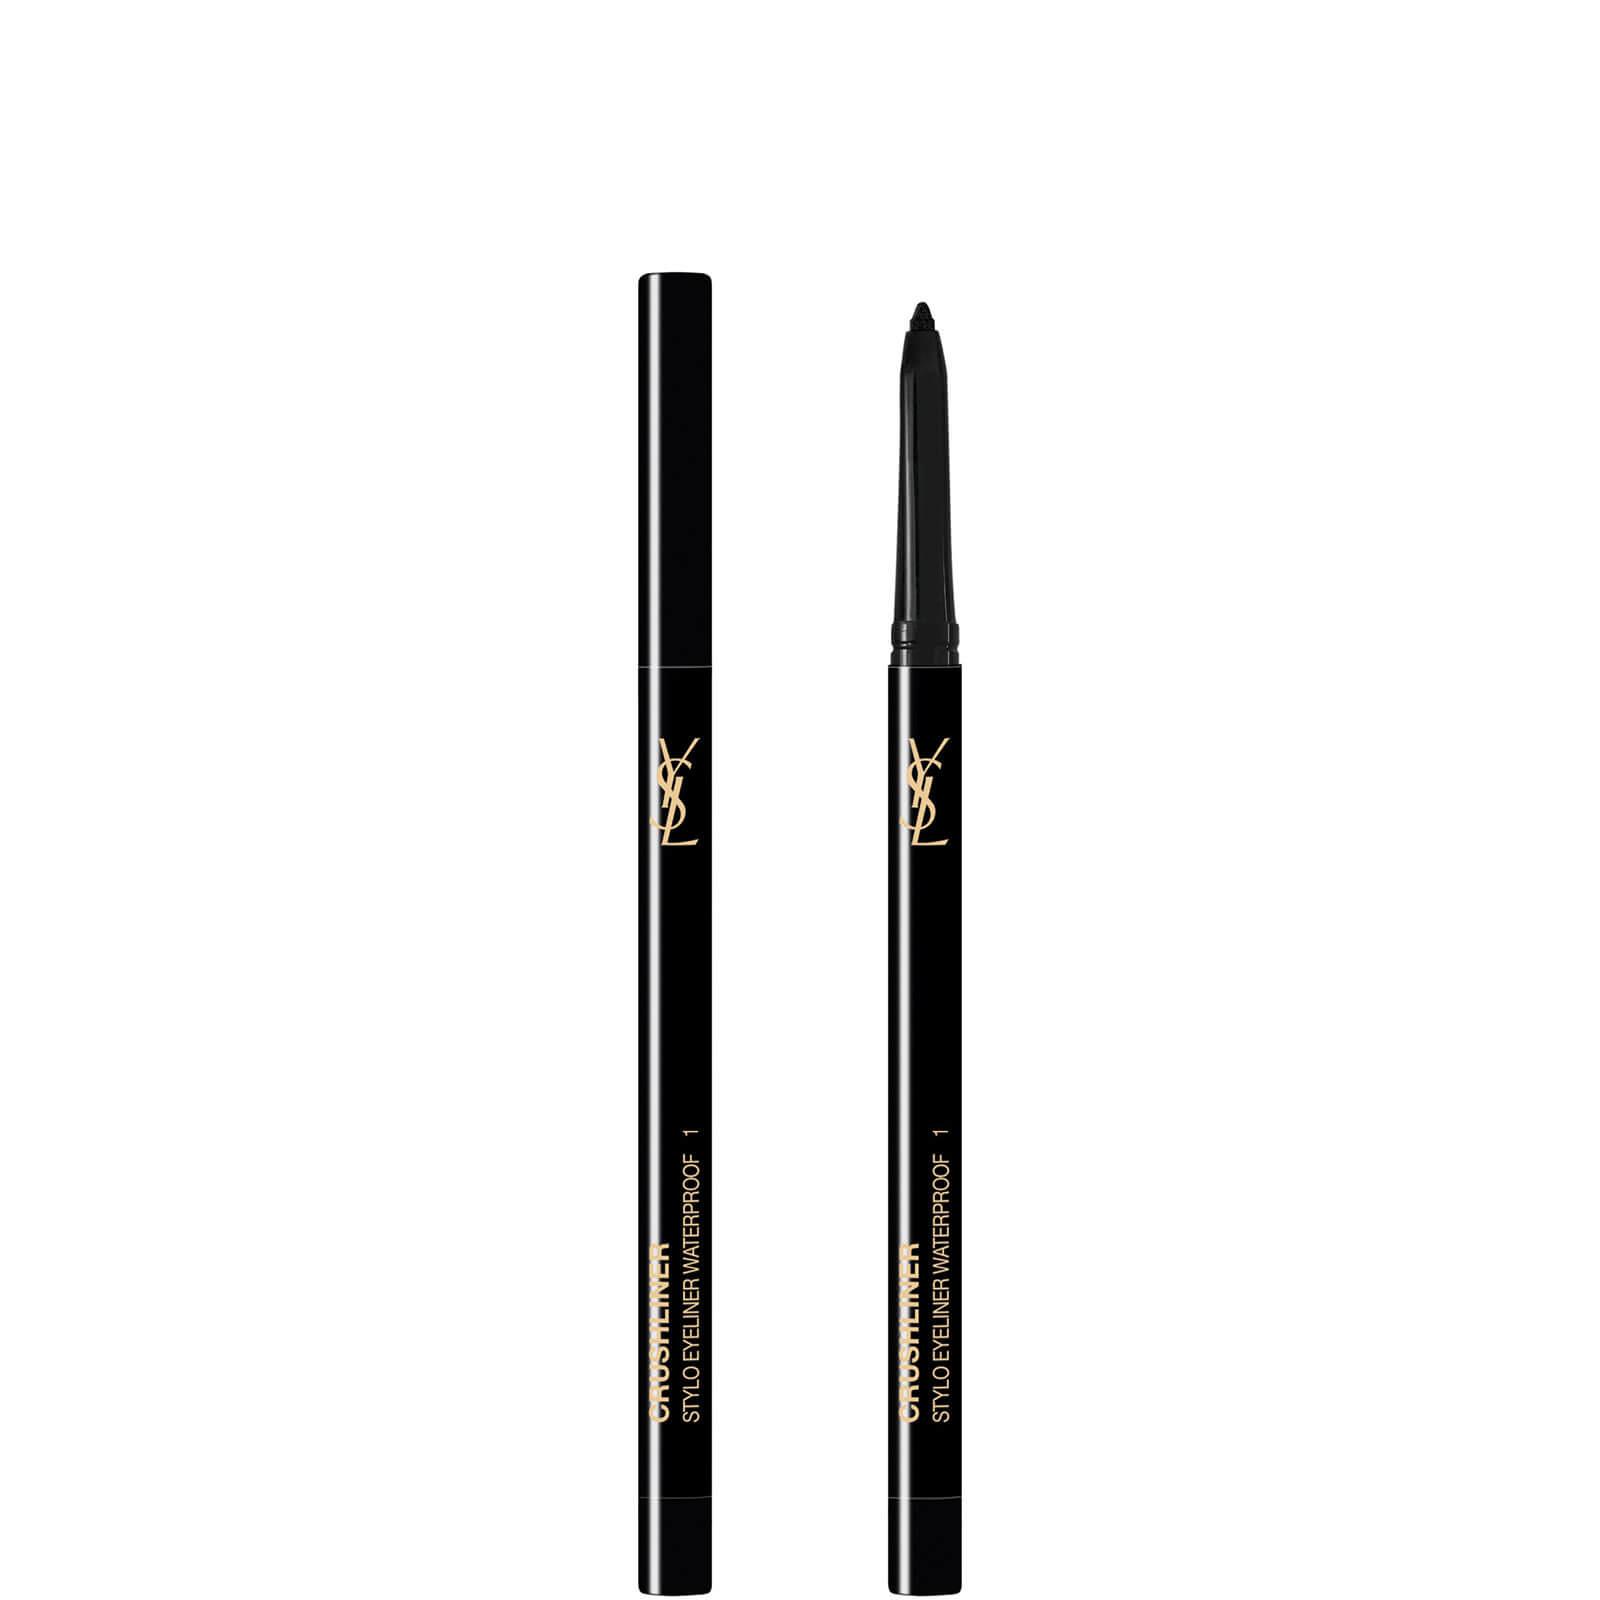 Купить Водостойкий карандаш для глаз Yves Saint Laurent Exclusive Crushliner Waterproof Stylo, 3 гр (в разных оттенках) - #1